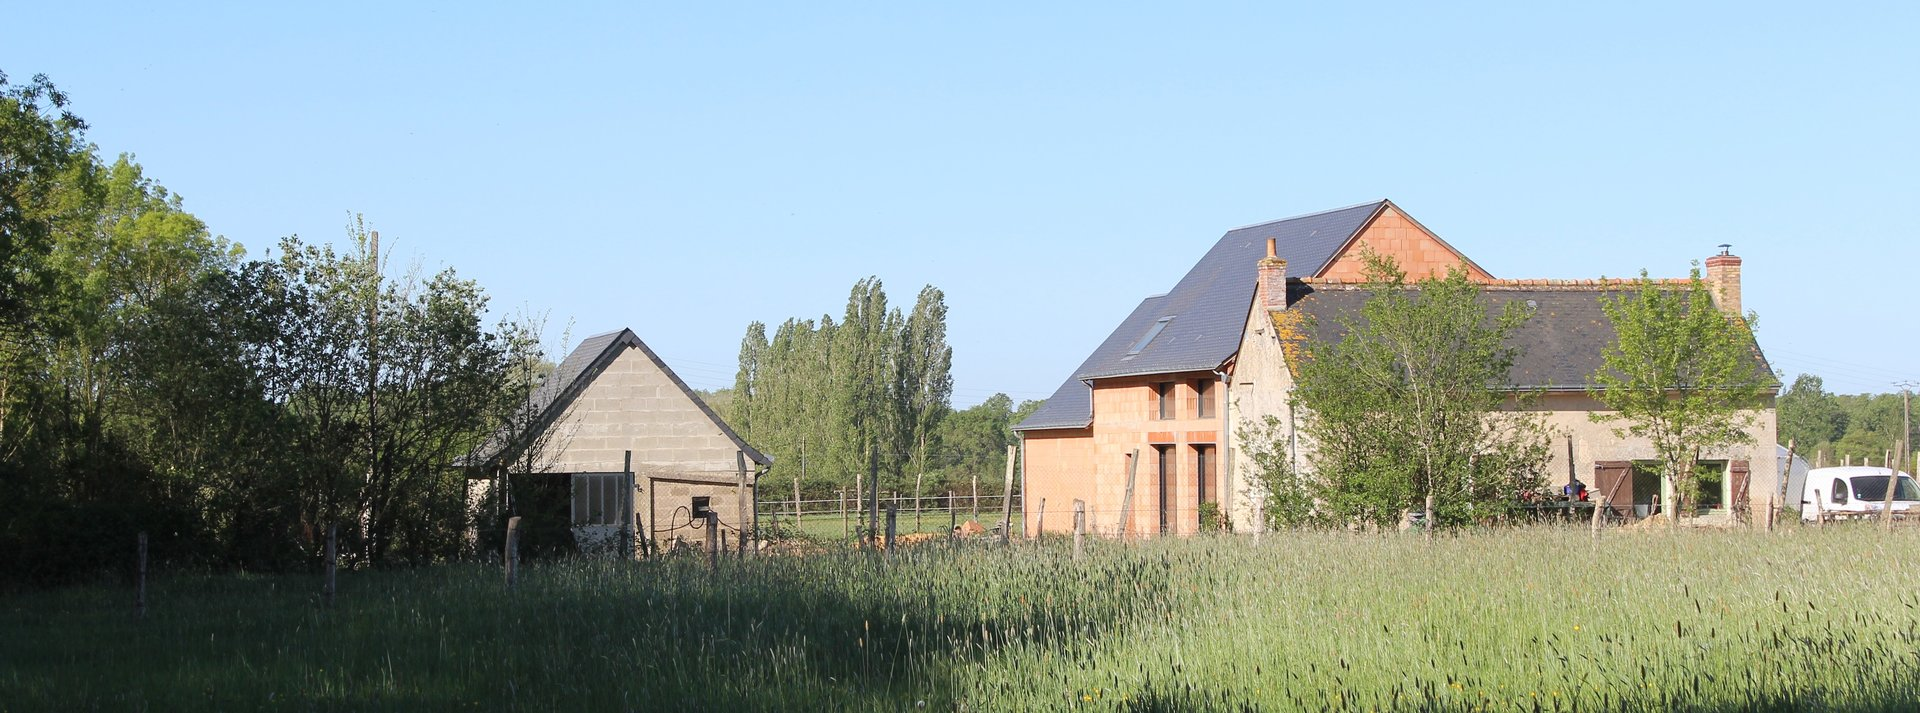 Grande maison à finir - Courcelles de touraine